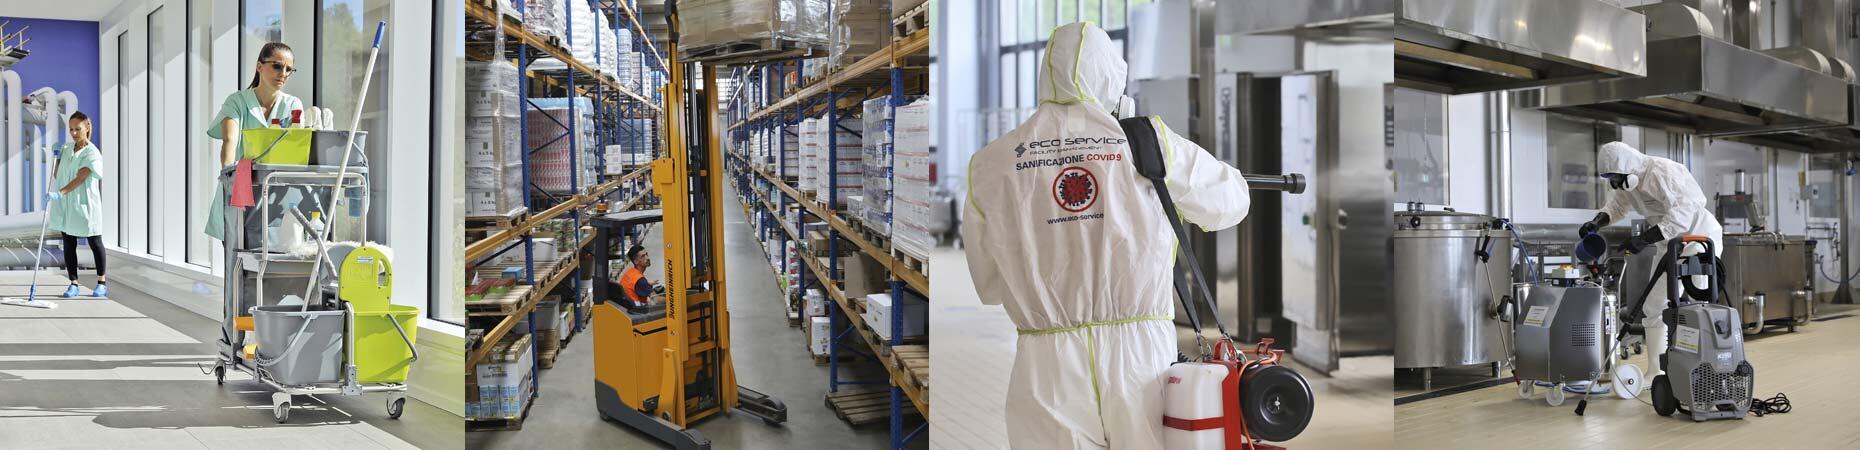 eco-service it 3-it-315234-l-azienda-si-espande-e-punta-a-bologna-pronte-100-assunzioni 005